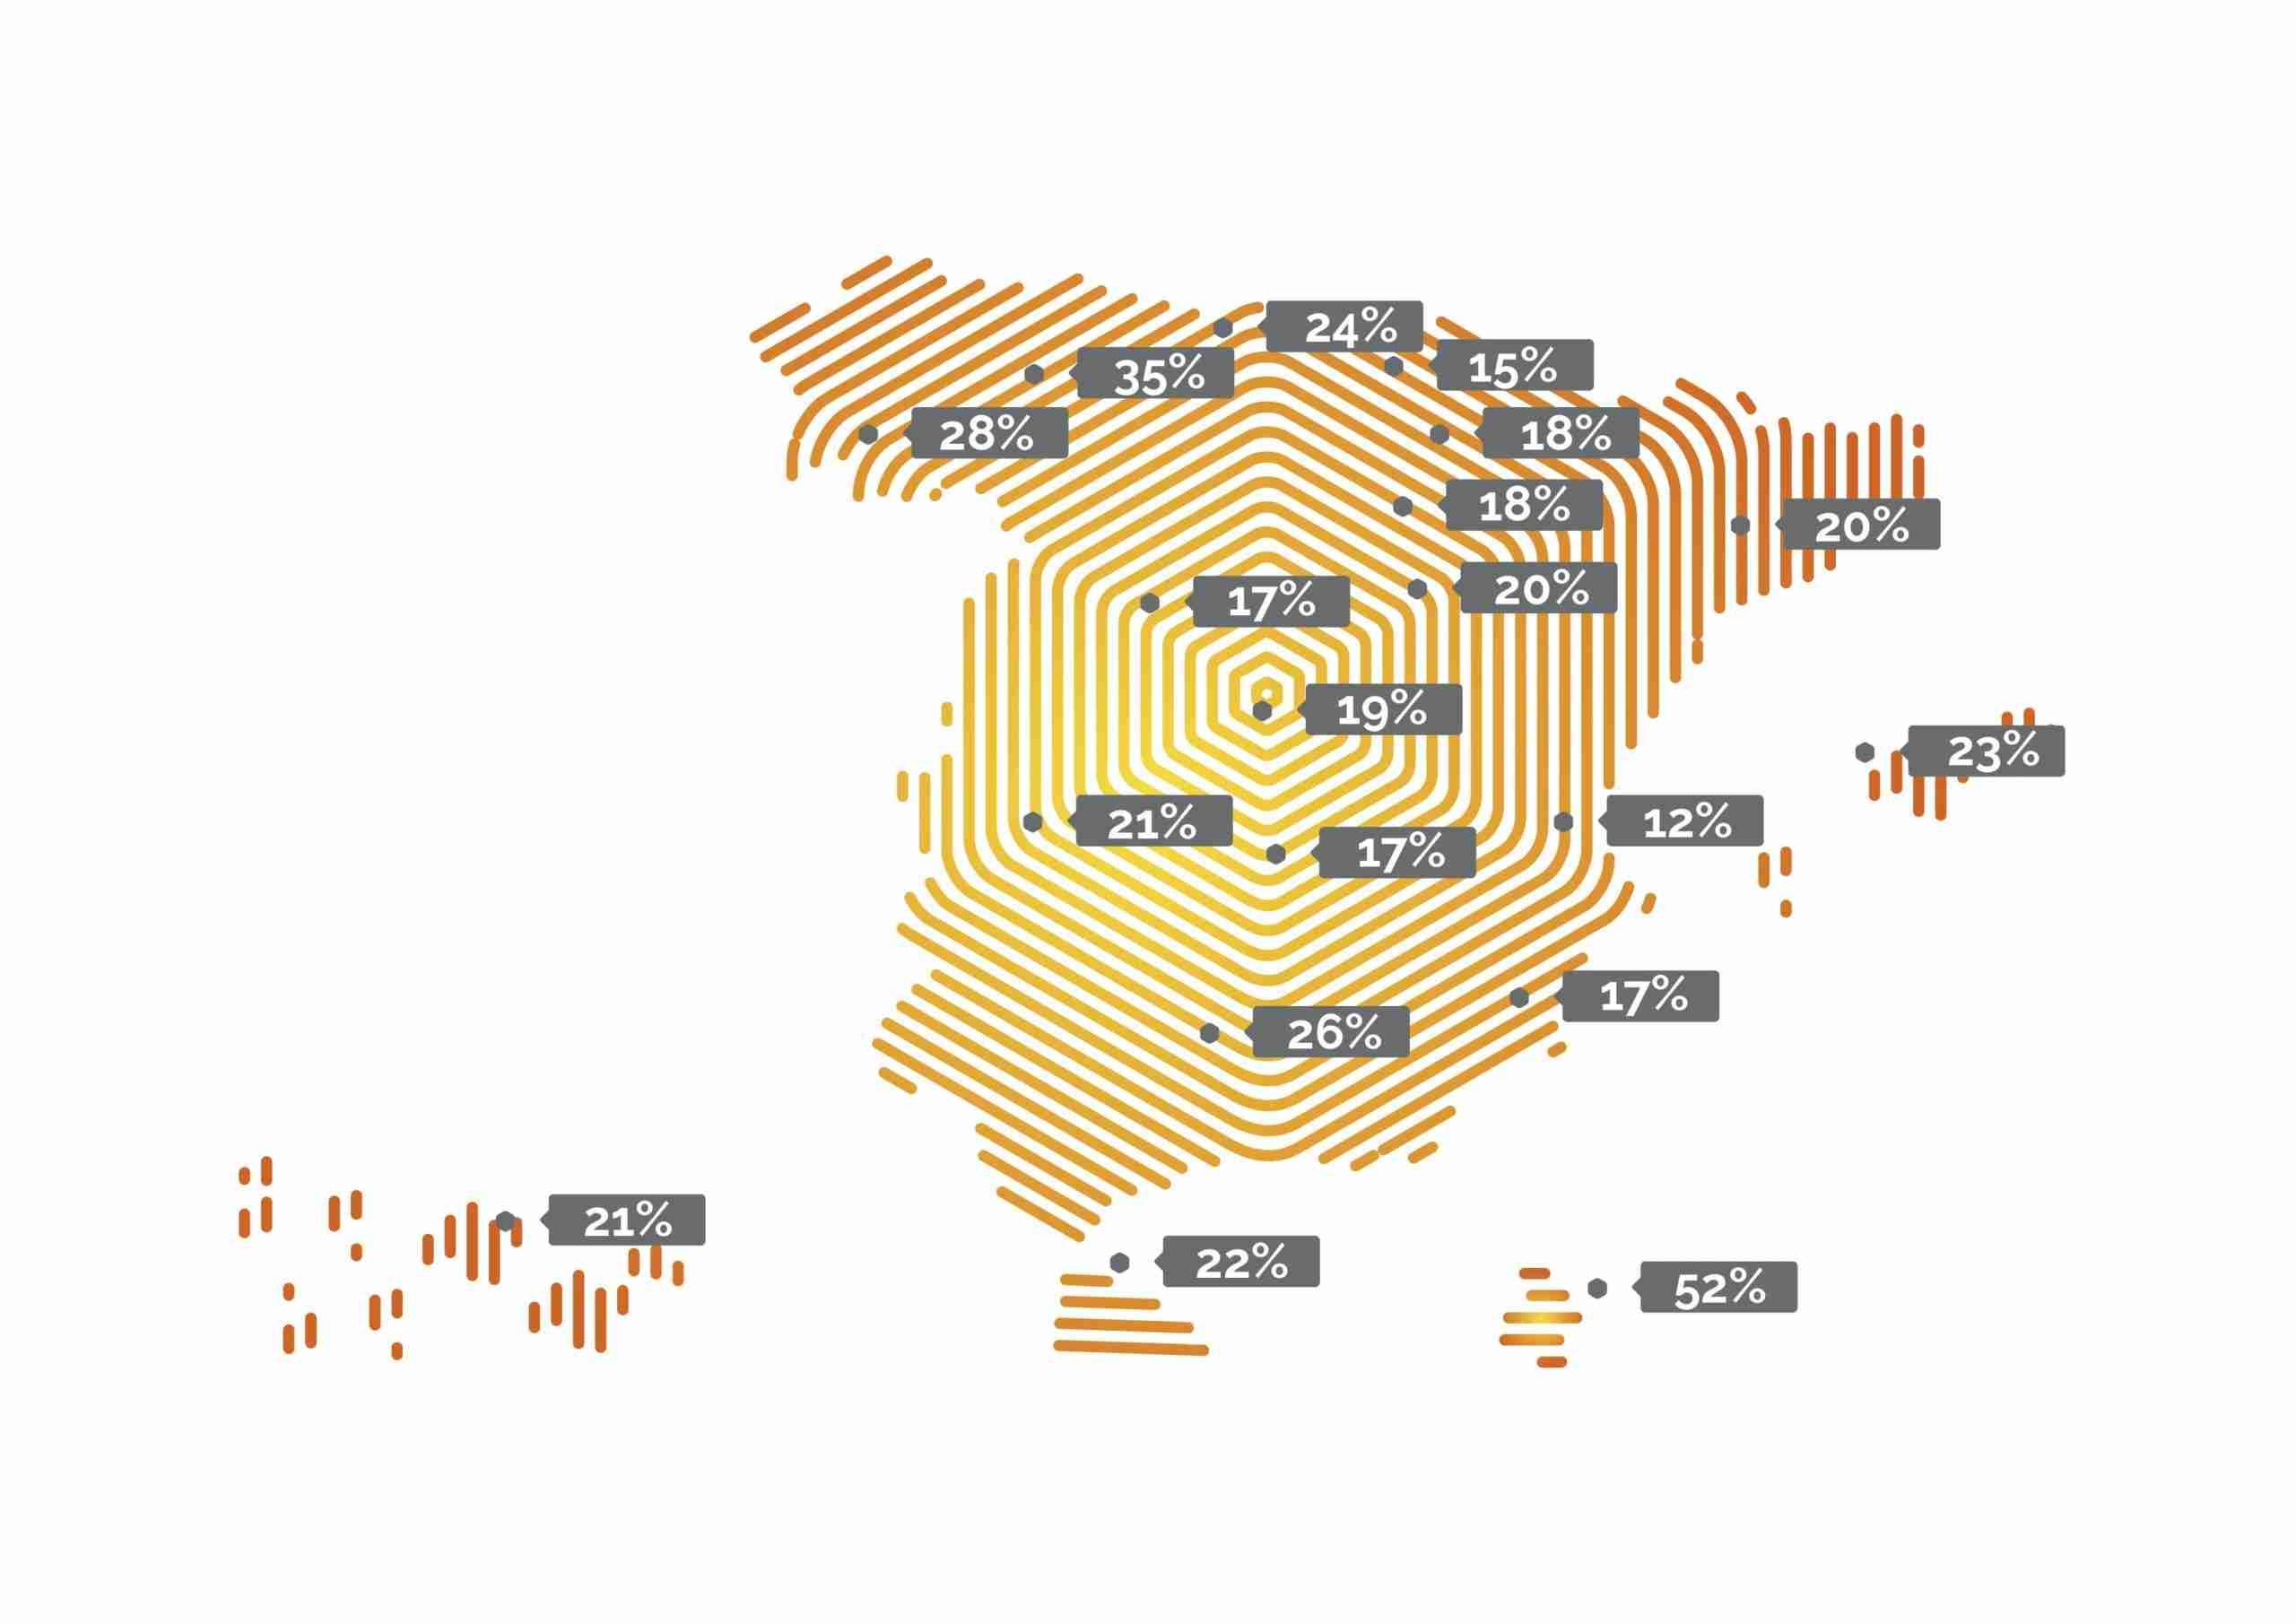 Gráfico 1. El mapa de vehículos rechazados en la ITV. Fuente: Solera a partir de datos de AECA-ITV.